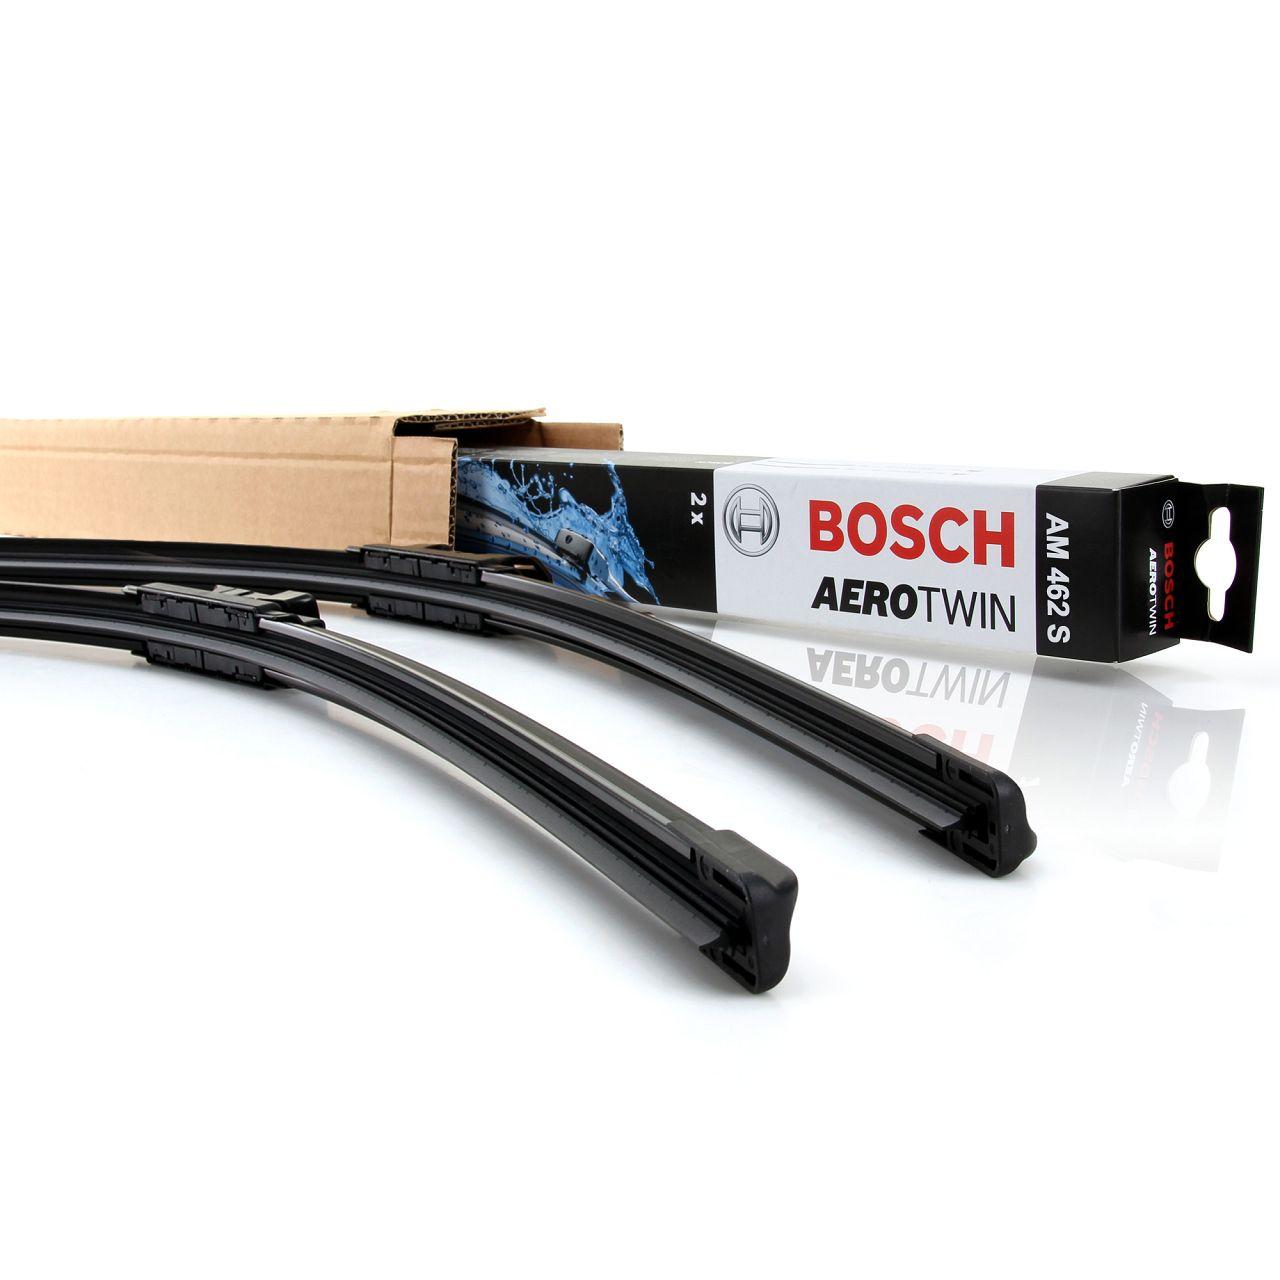 BOSCH AEROTWIN AM462S Scheibenwischer für AUDI A3 VW GOLF 5 6 BMW 3ER E90 F30